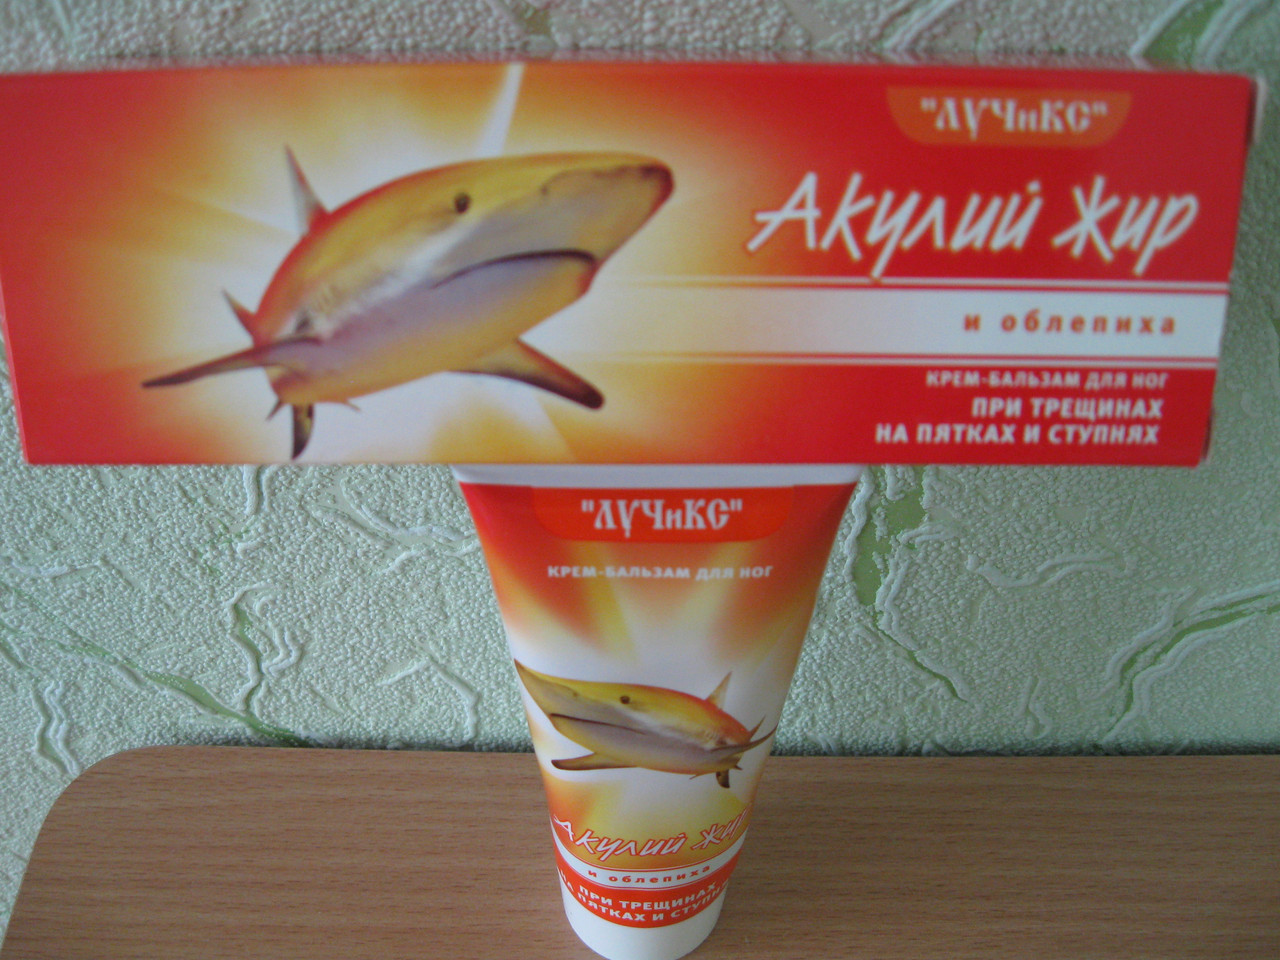 Акулий жир и облепиха, крем-бальзам для ног при трещинах на пятках и ступнях, 75 мл